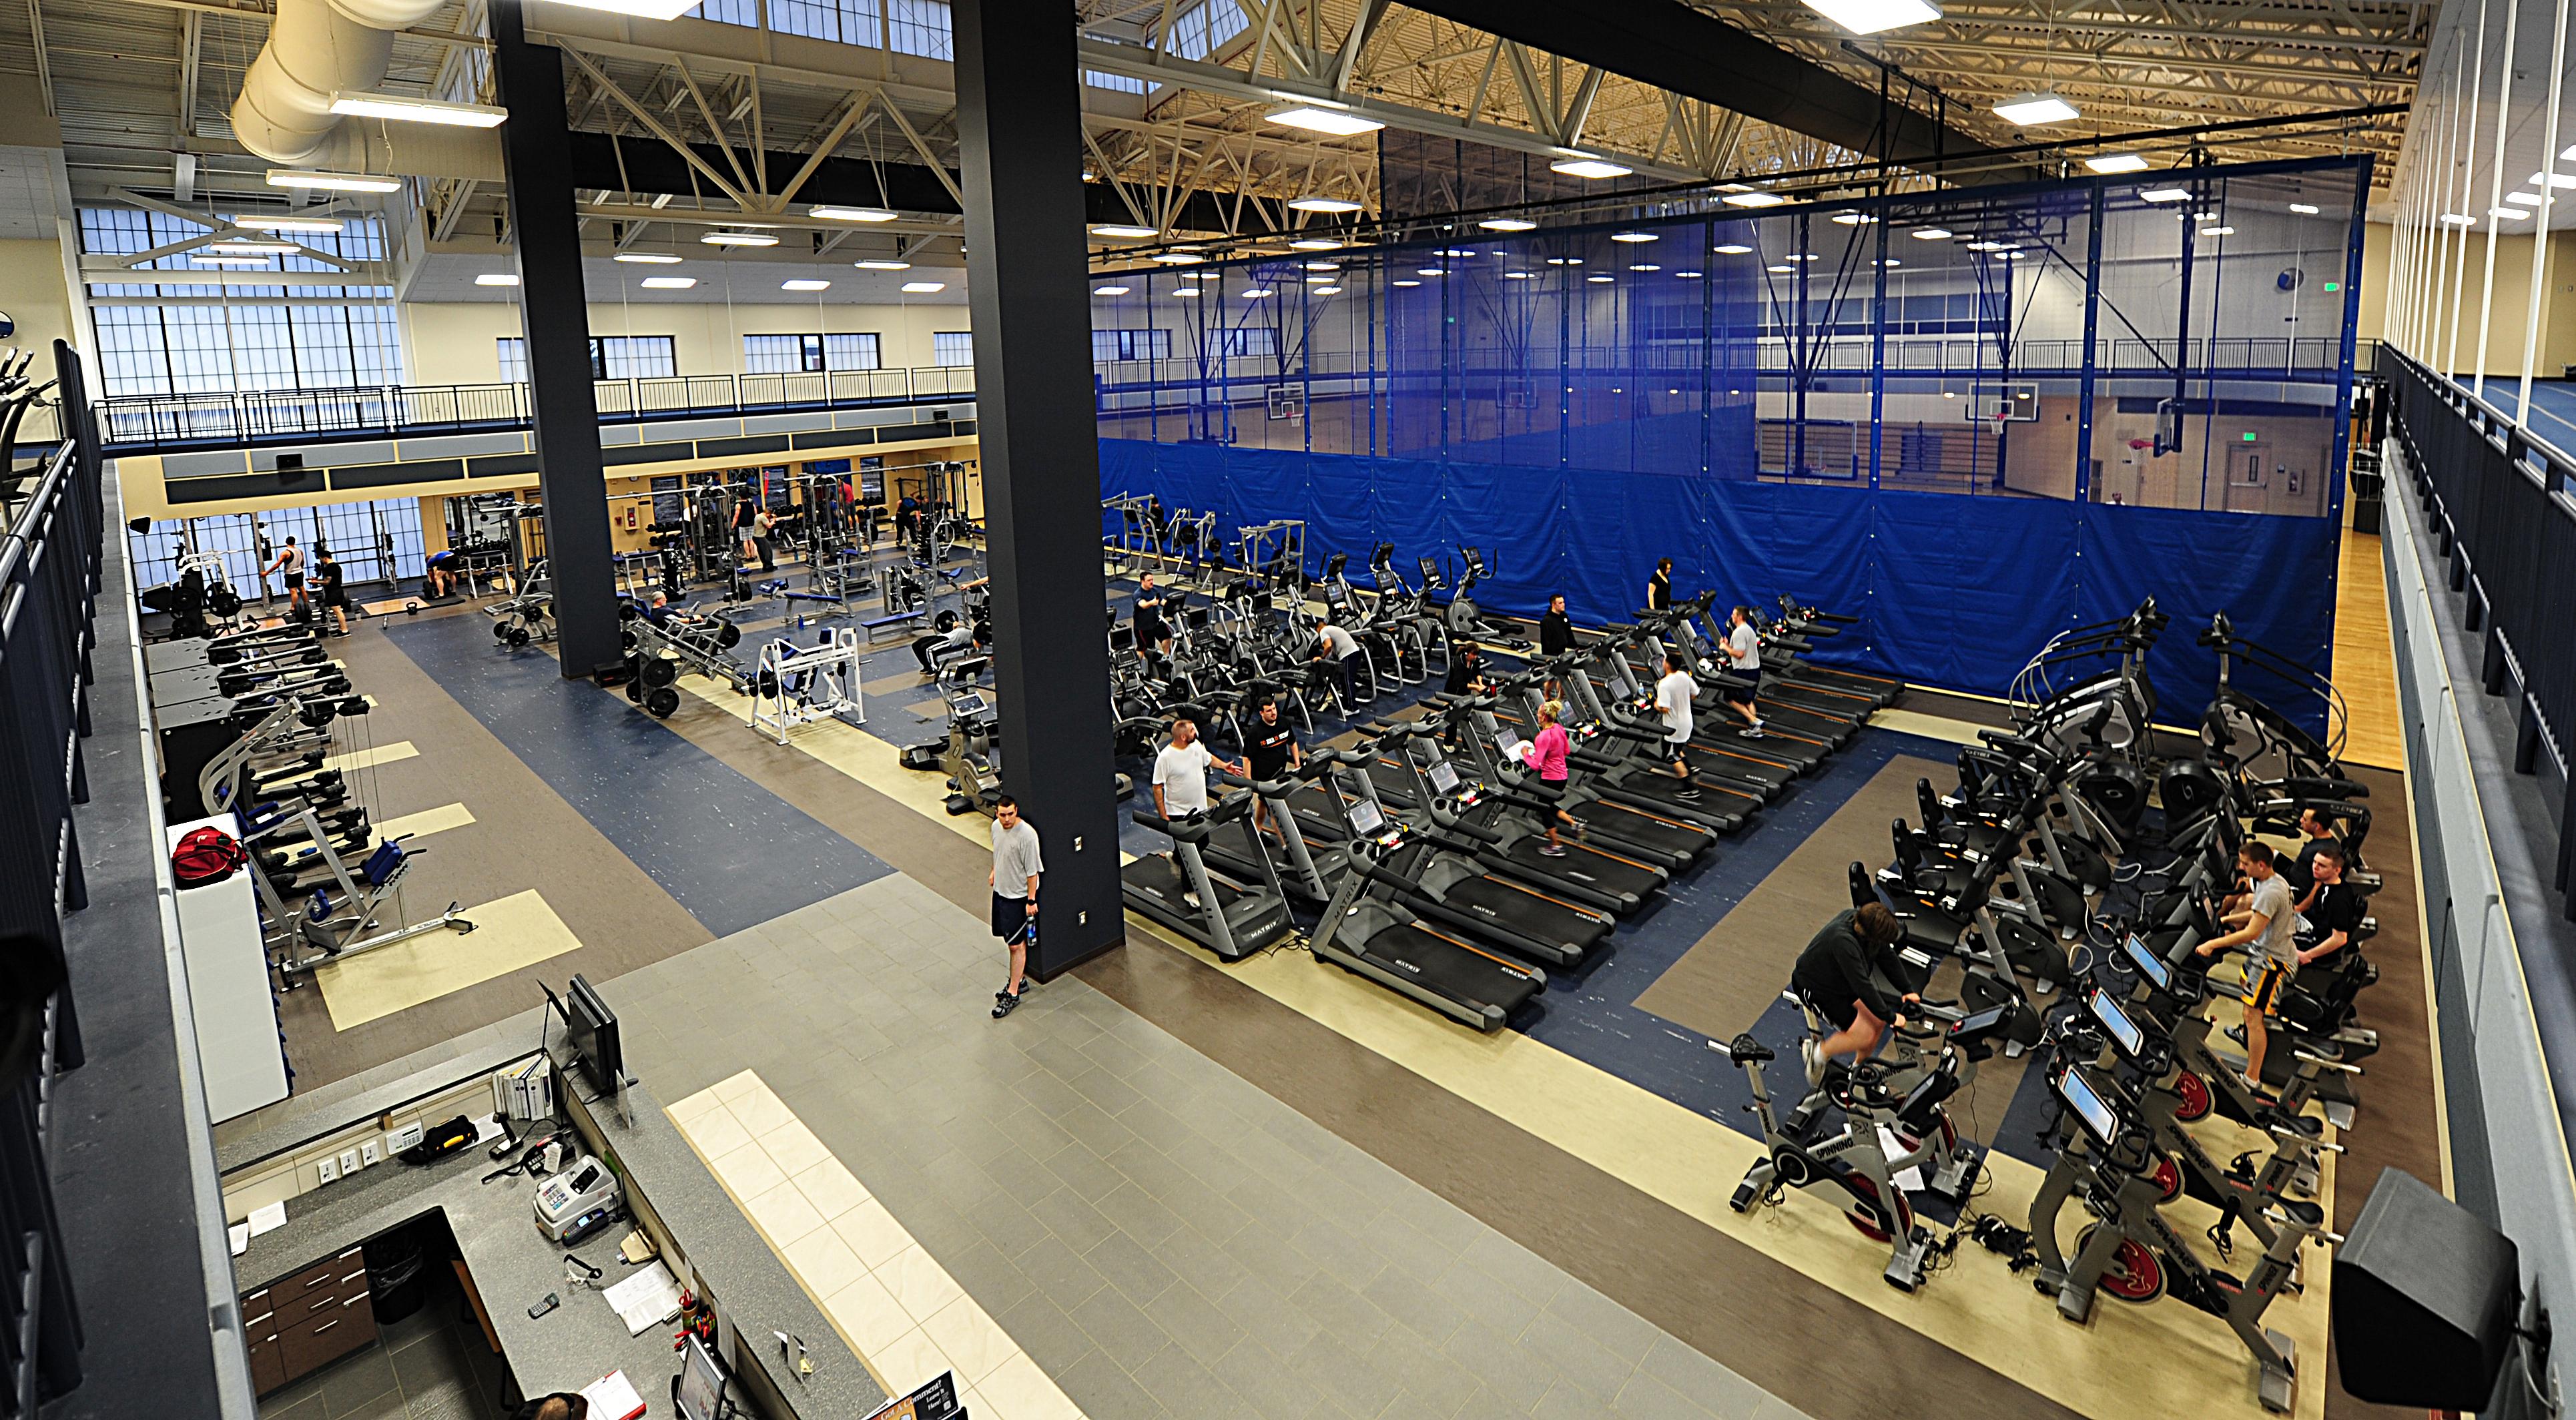 Tinker afb gym